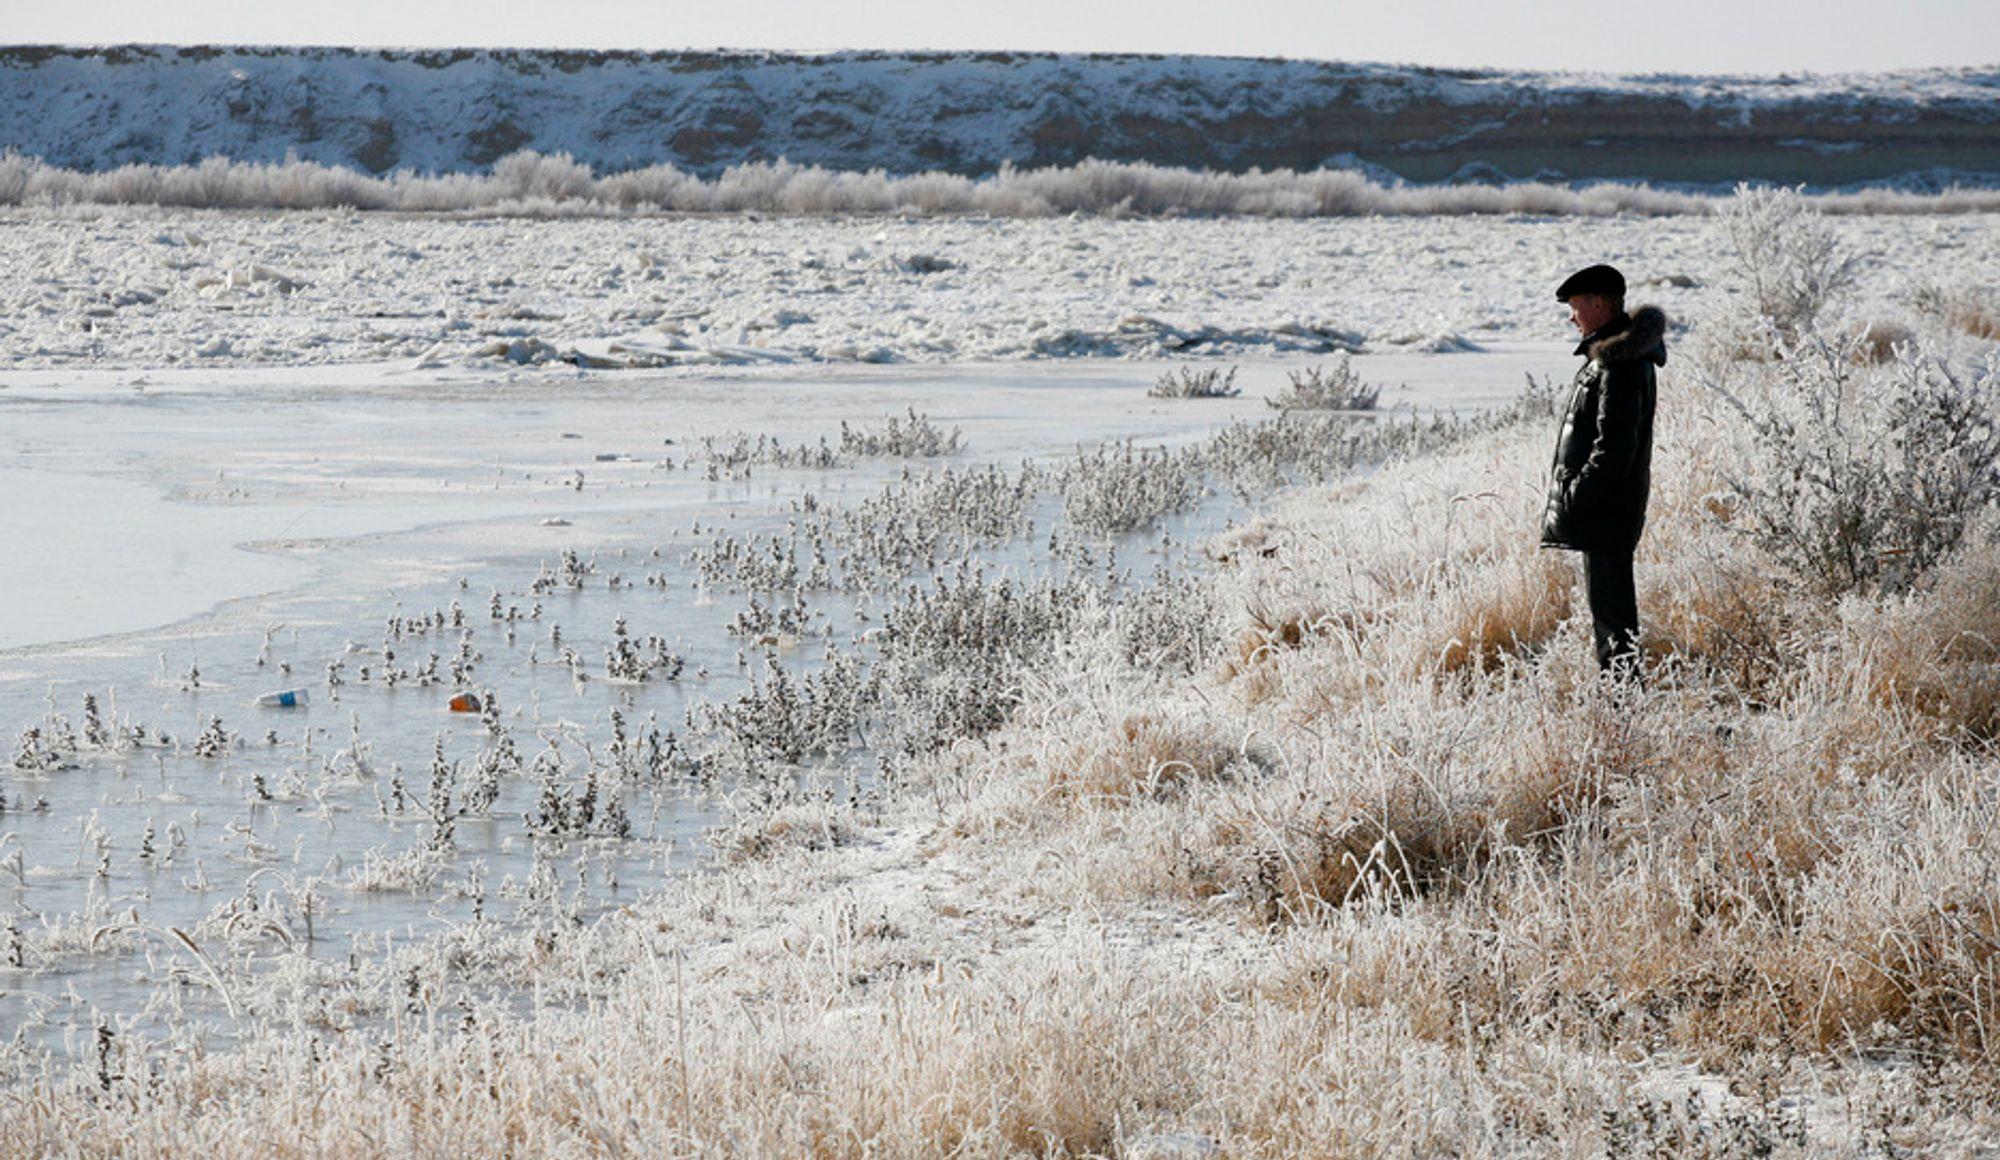 Kulde og islagt vann i Kasakstan. Ifølge en norsk klimamodell må utslippene av klimagasser ned før 2020 om vi skal unngå global oppvarming på mer enn 2 grader.